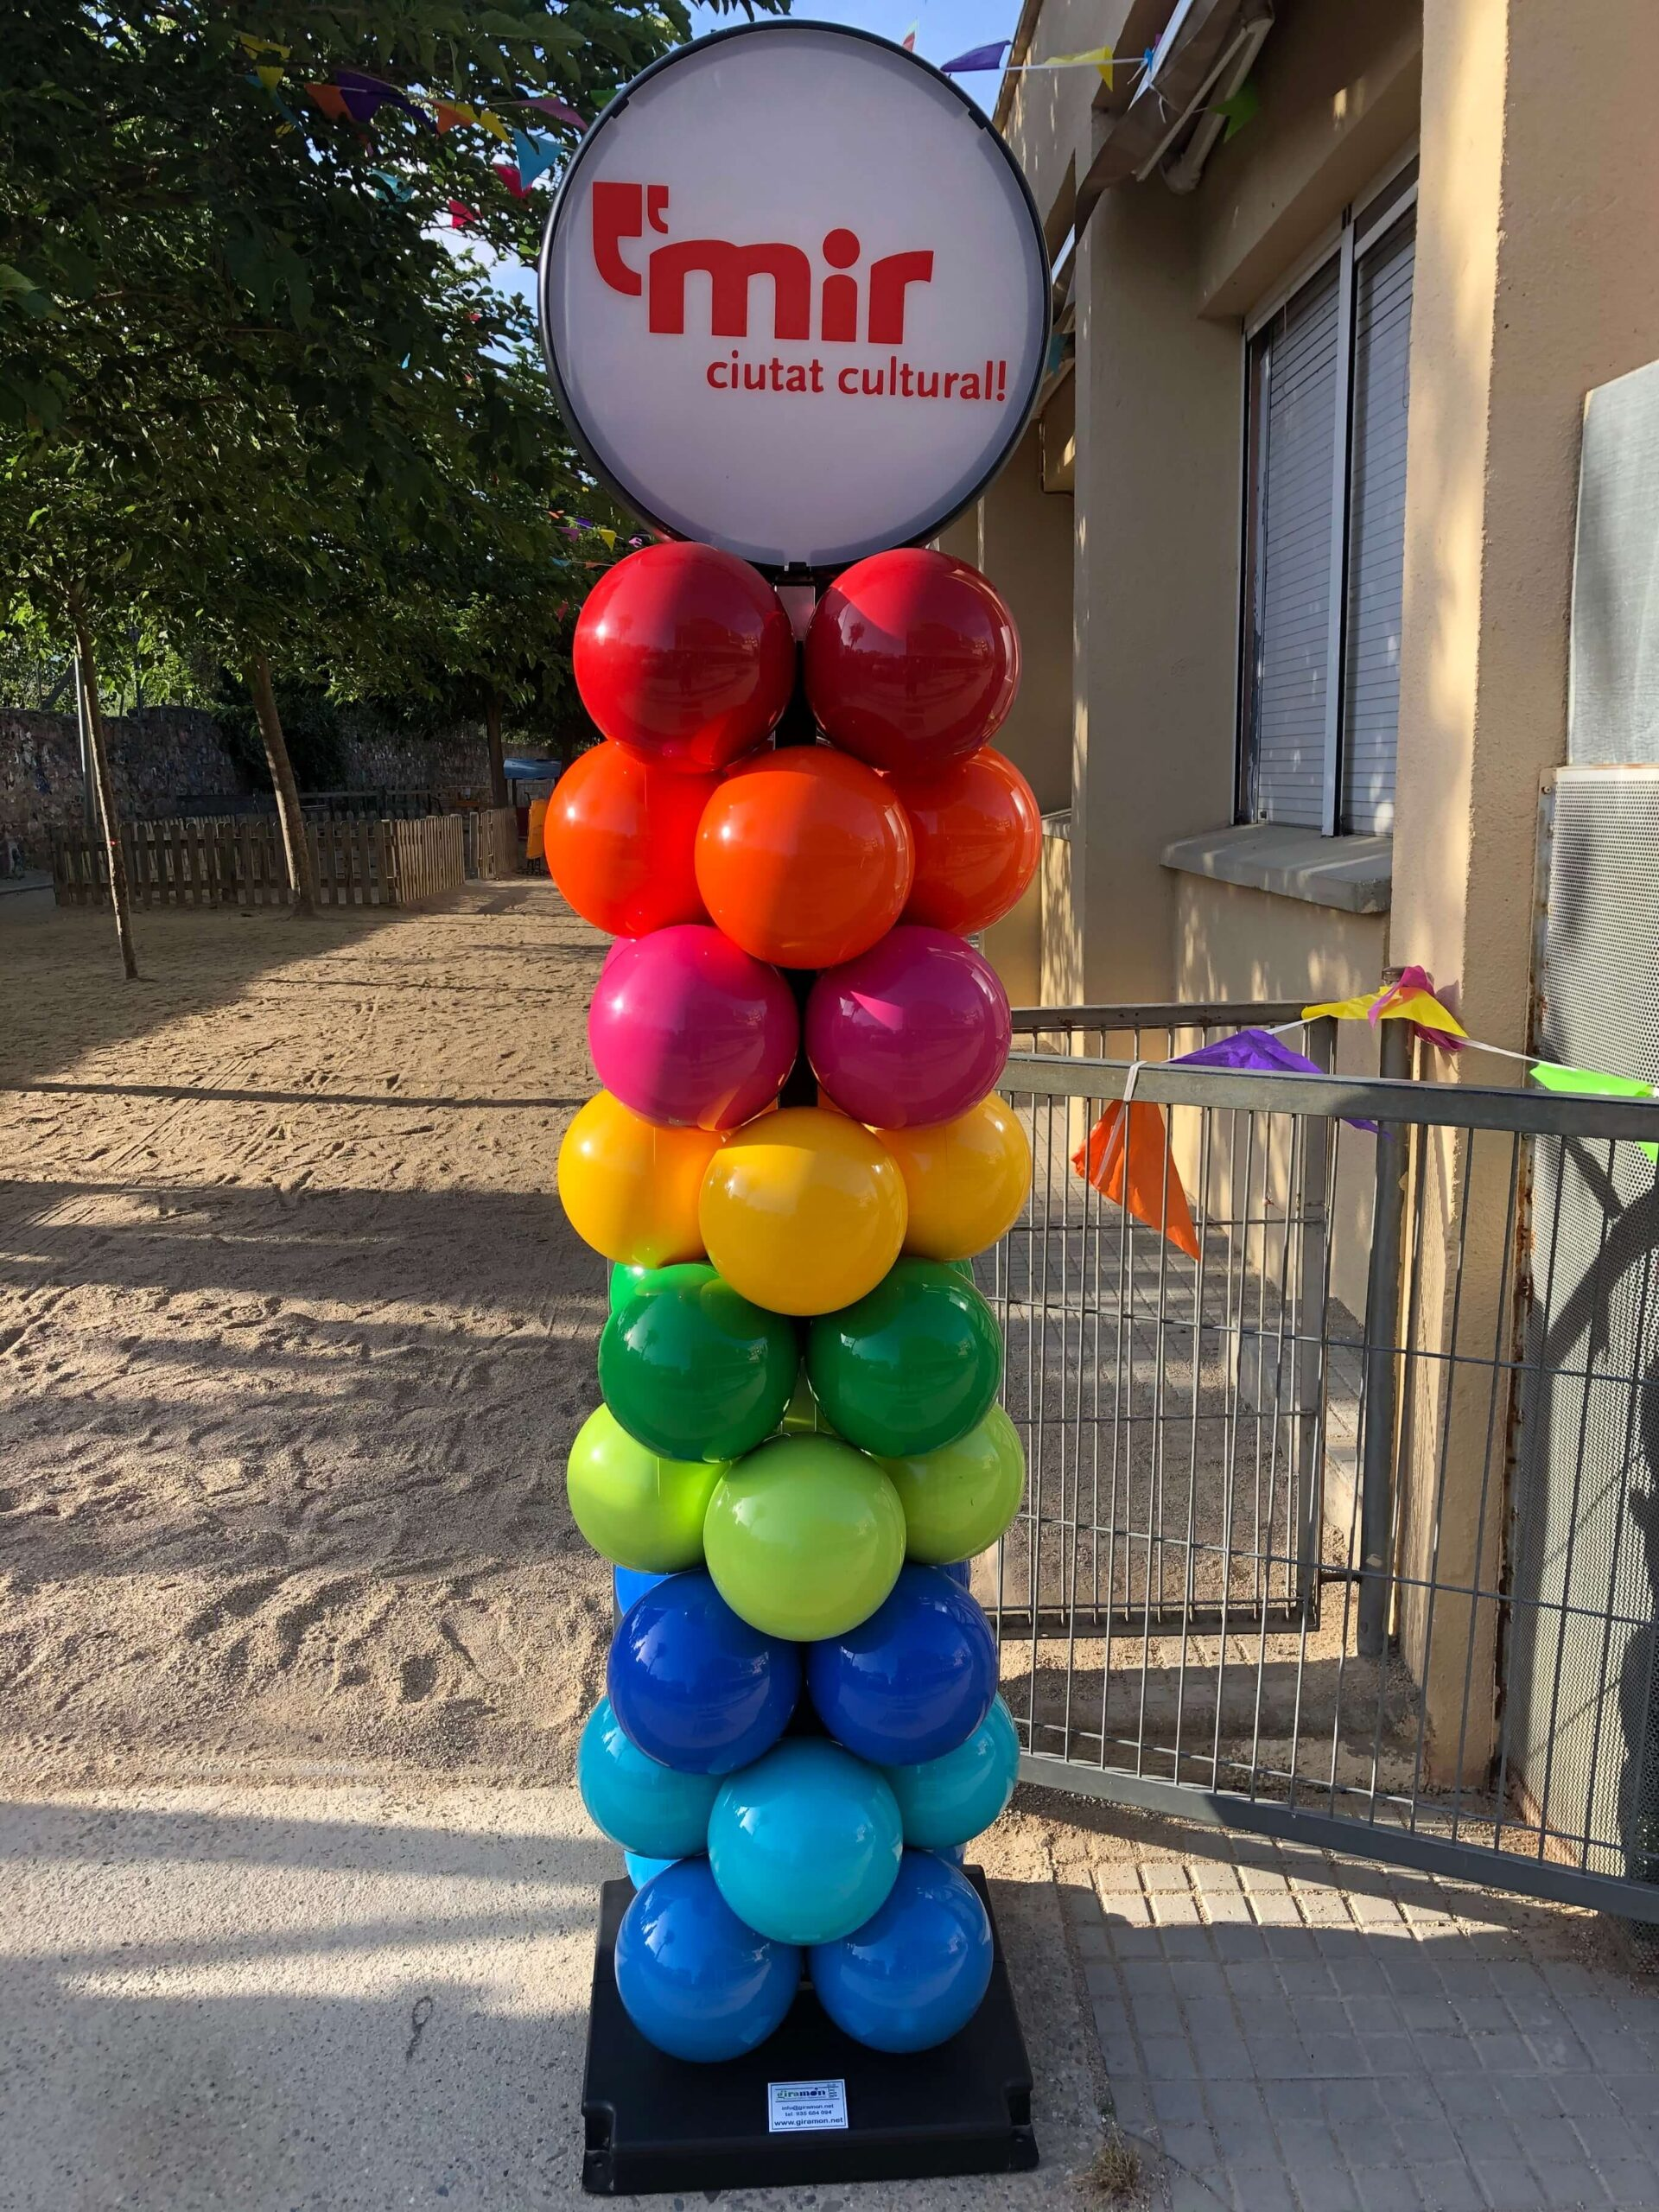 Columnas-pilares personalizables de globos plástico reciclado